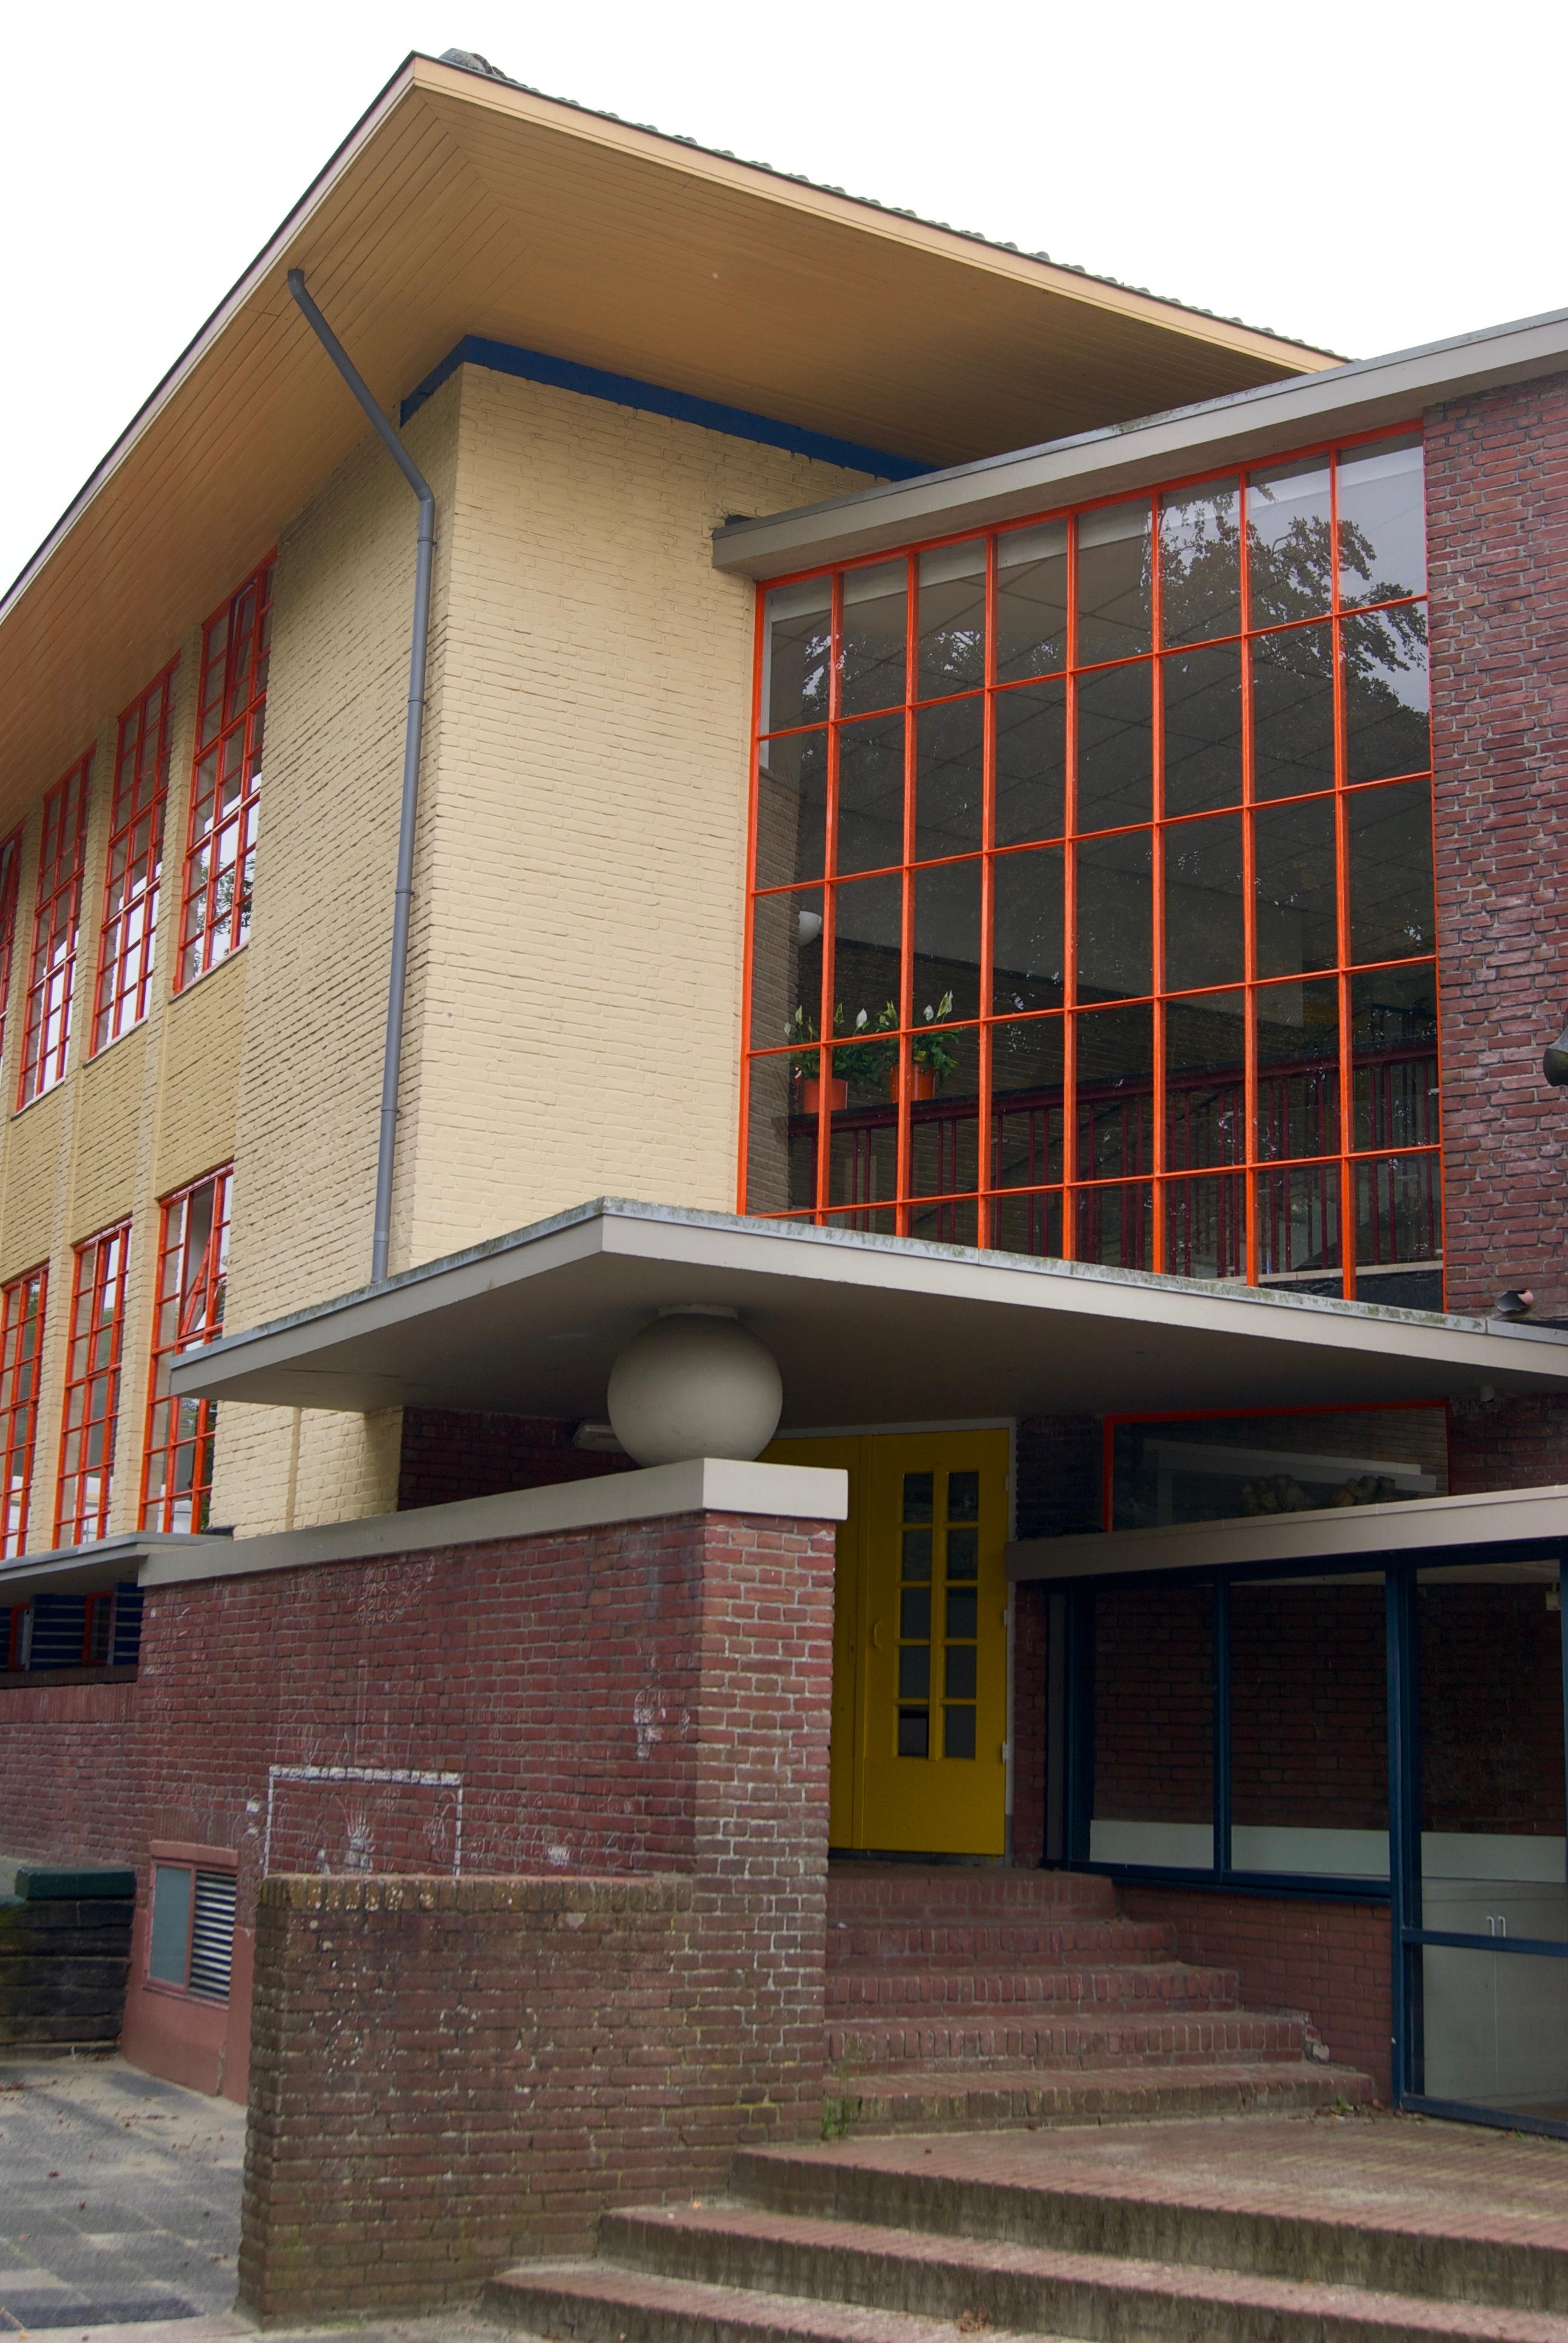 Multatulischool Hilversum Dudok